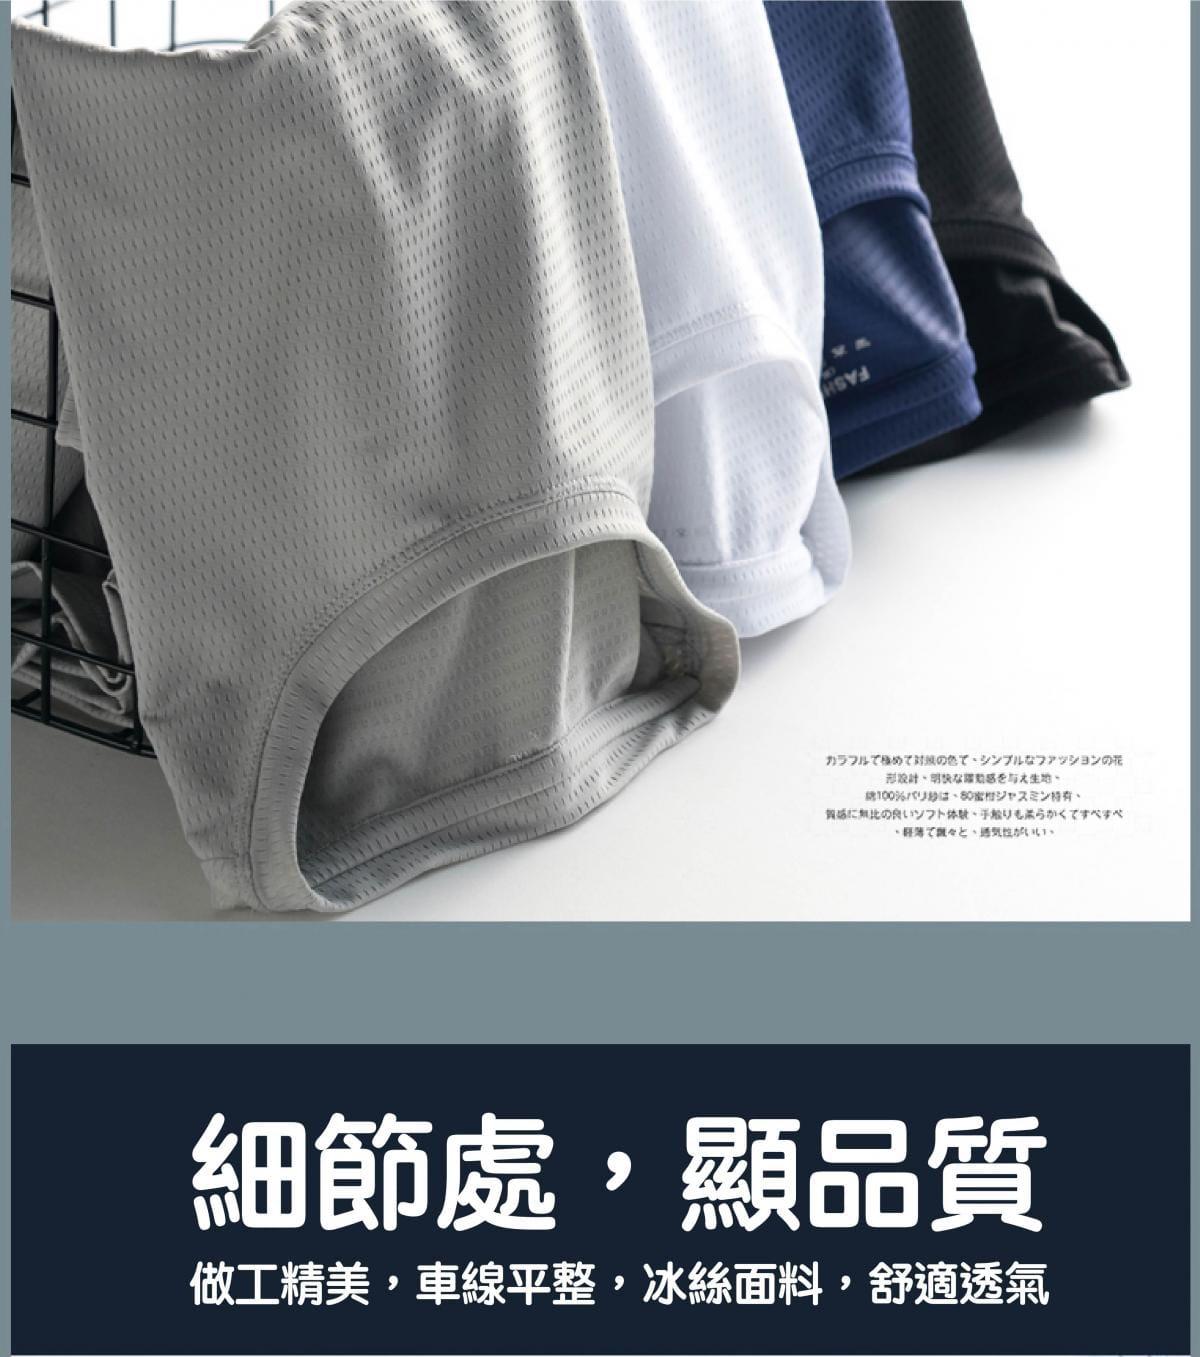 超薄涼透氣排汗速乾T恤 內搭外穿舒爽運動上衣 情侶款 網眼T恤 9